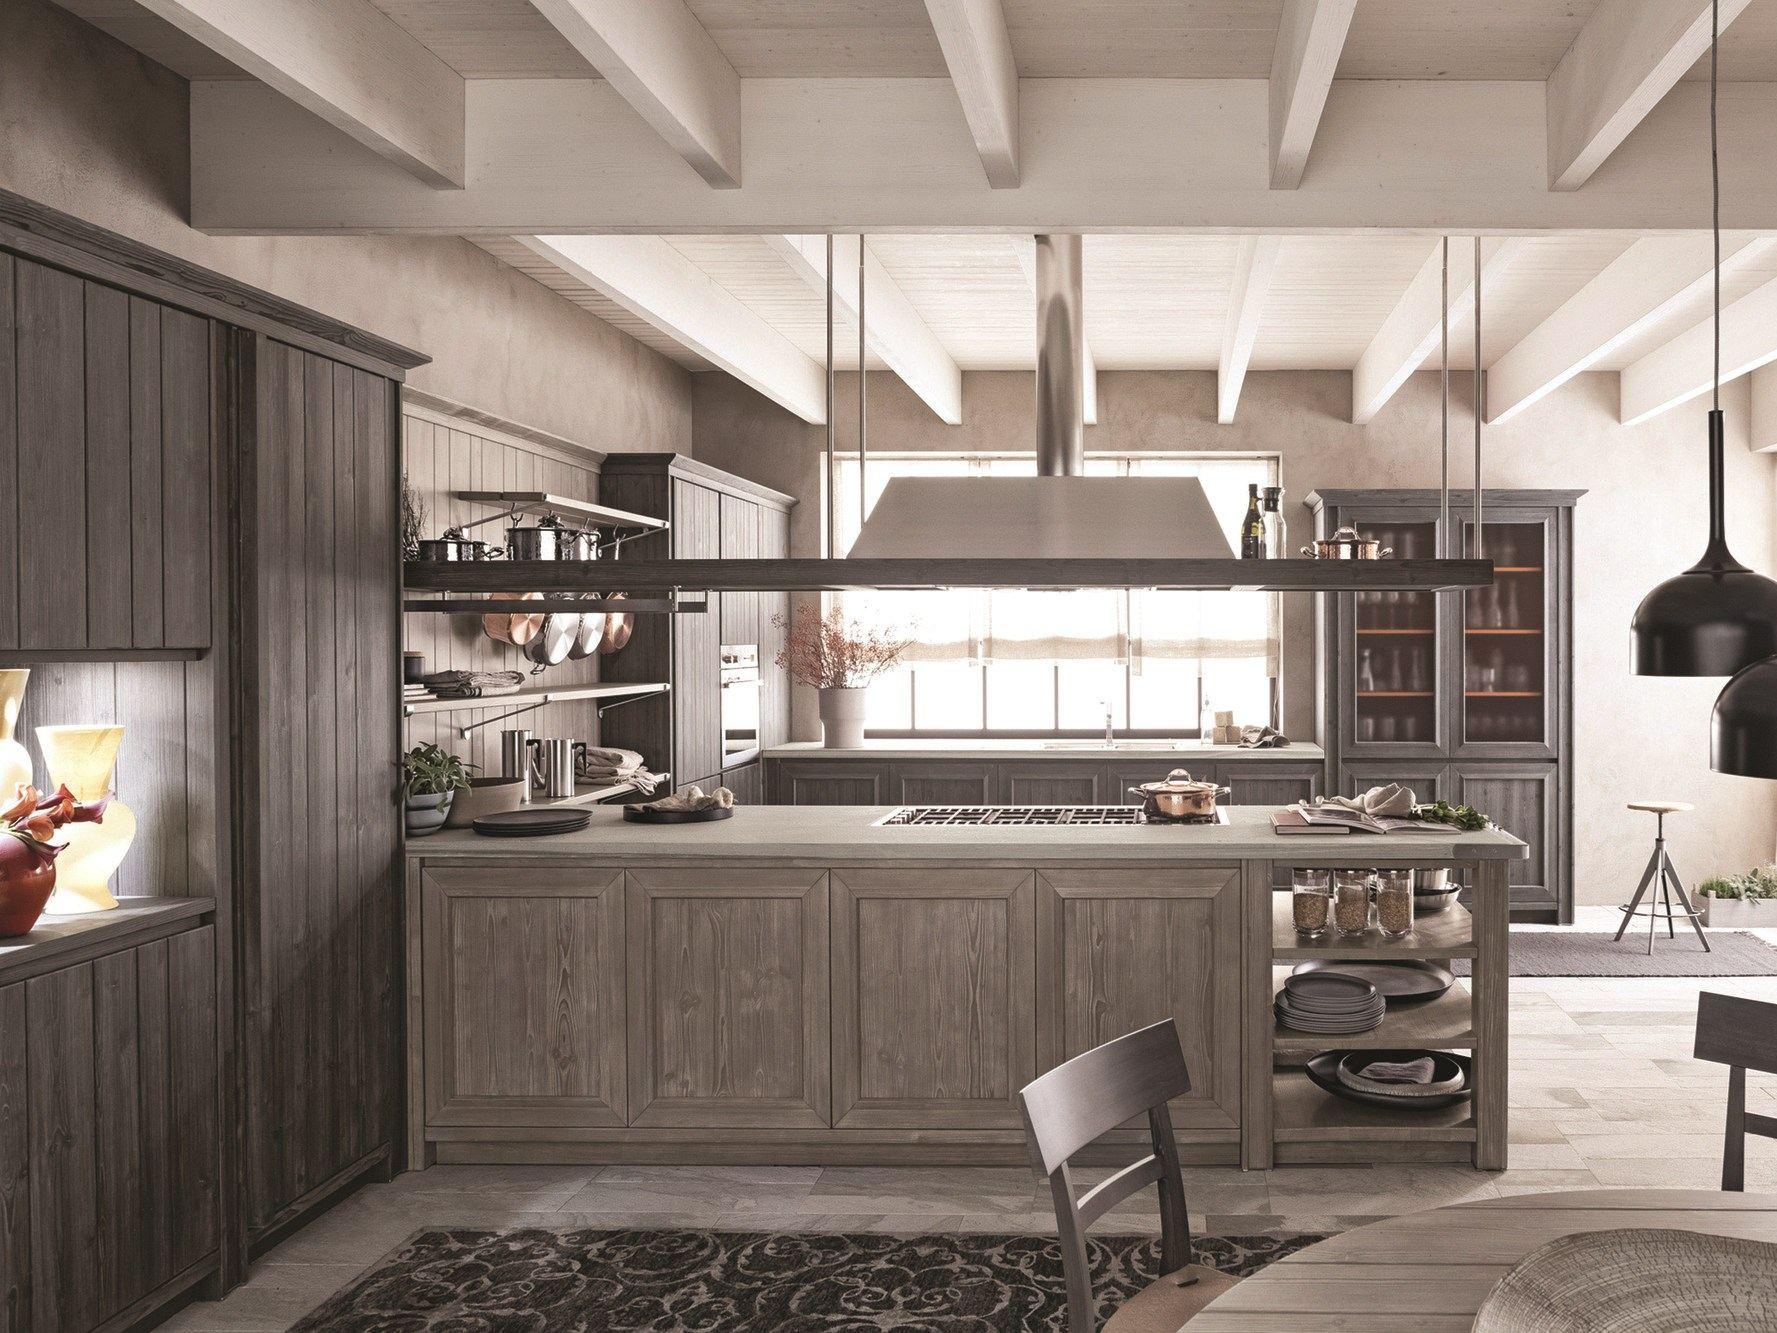 cucina scandola prodotti-150993-rela743d337ca0b4370865133f1975d5cde